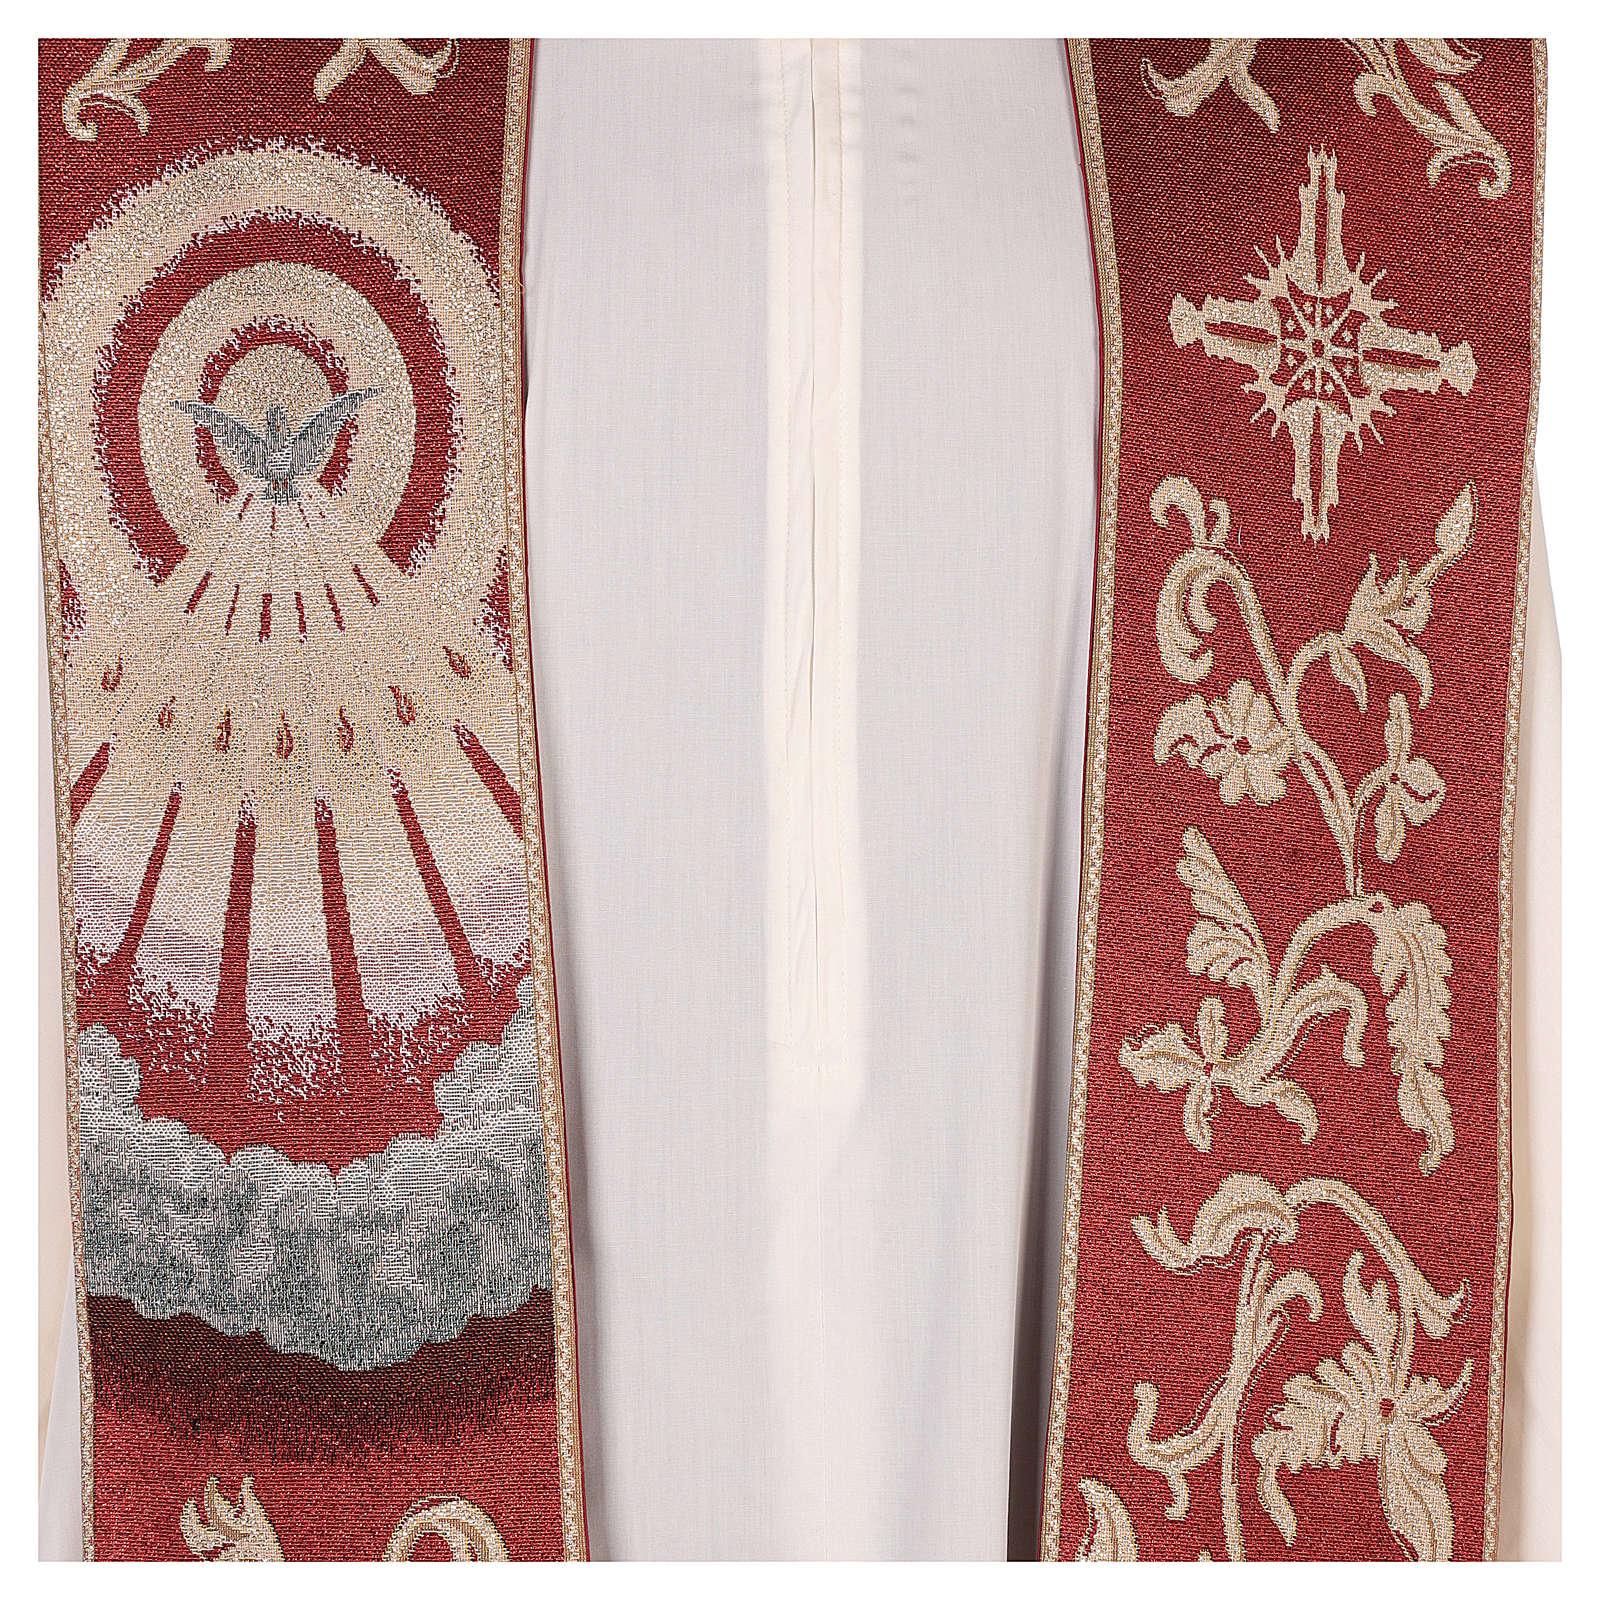 Étole Saint Esprit rouge avec décorations en fil doré 4